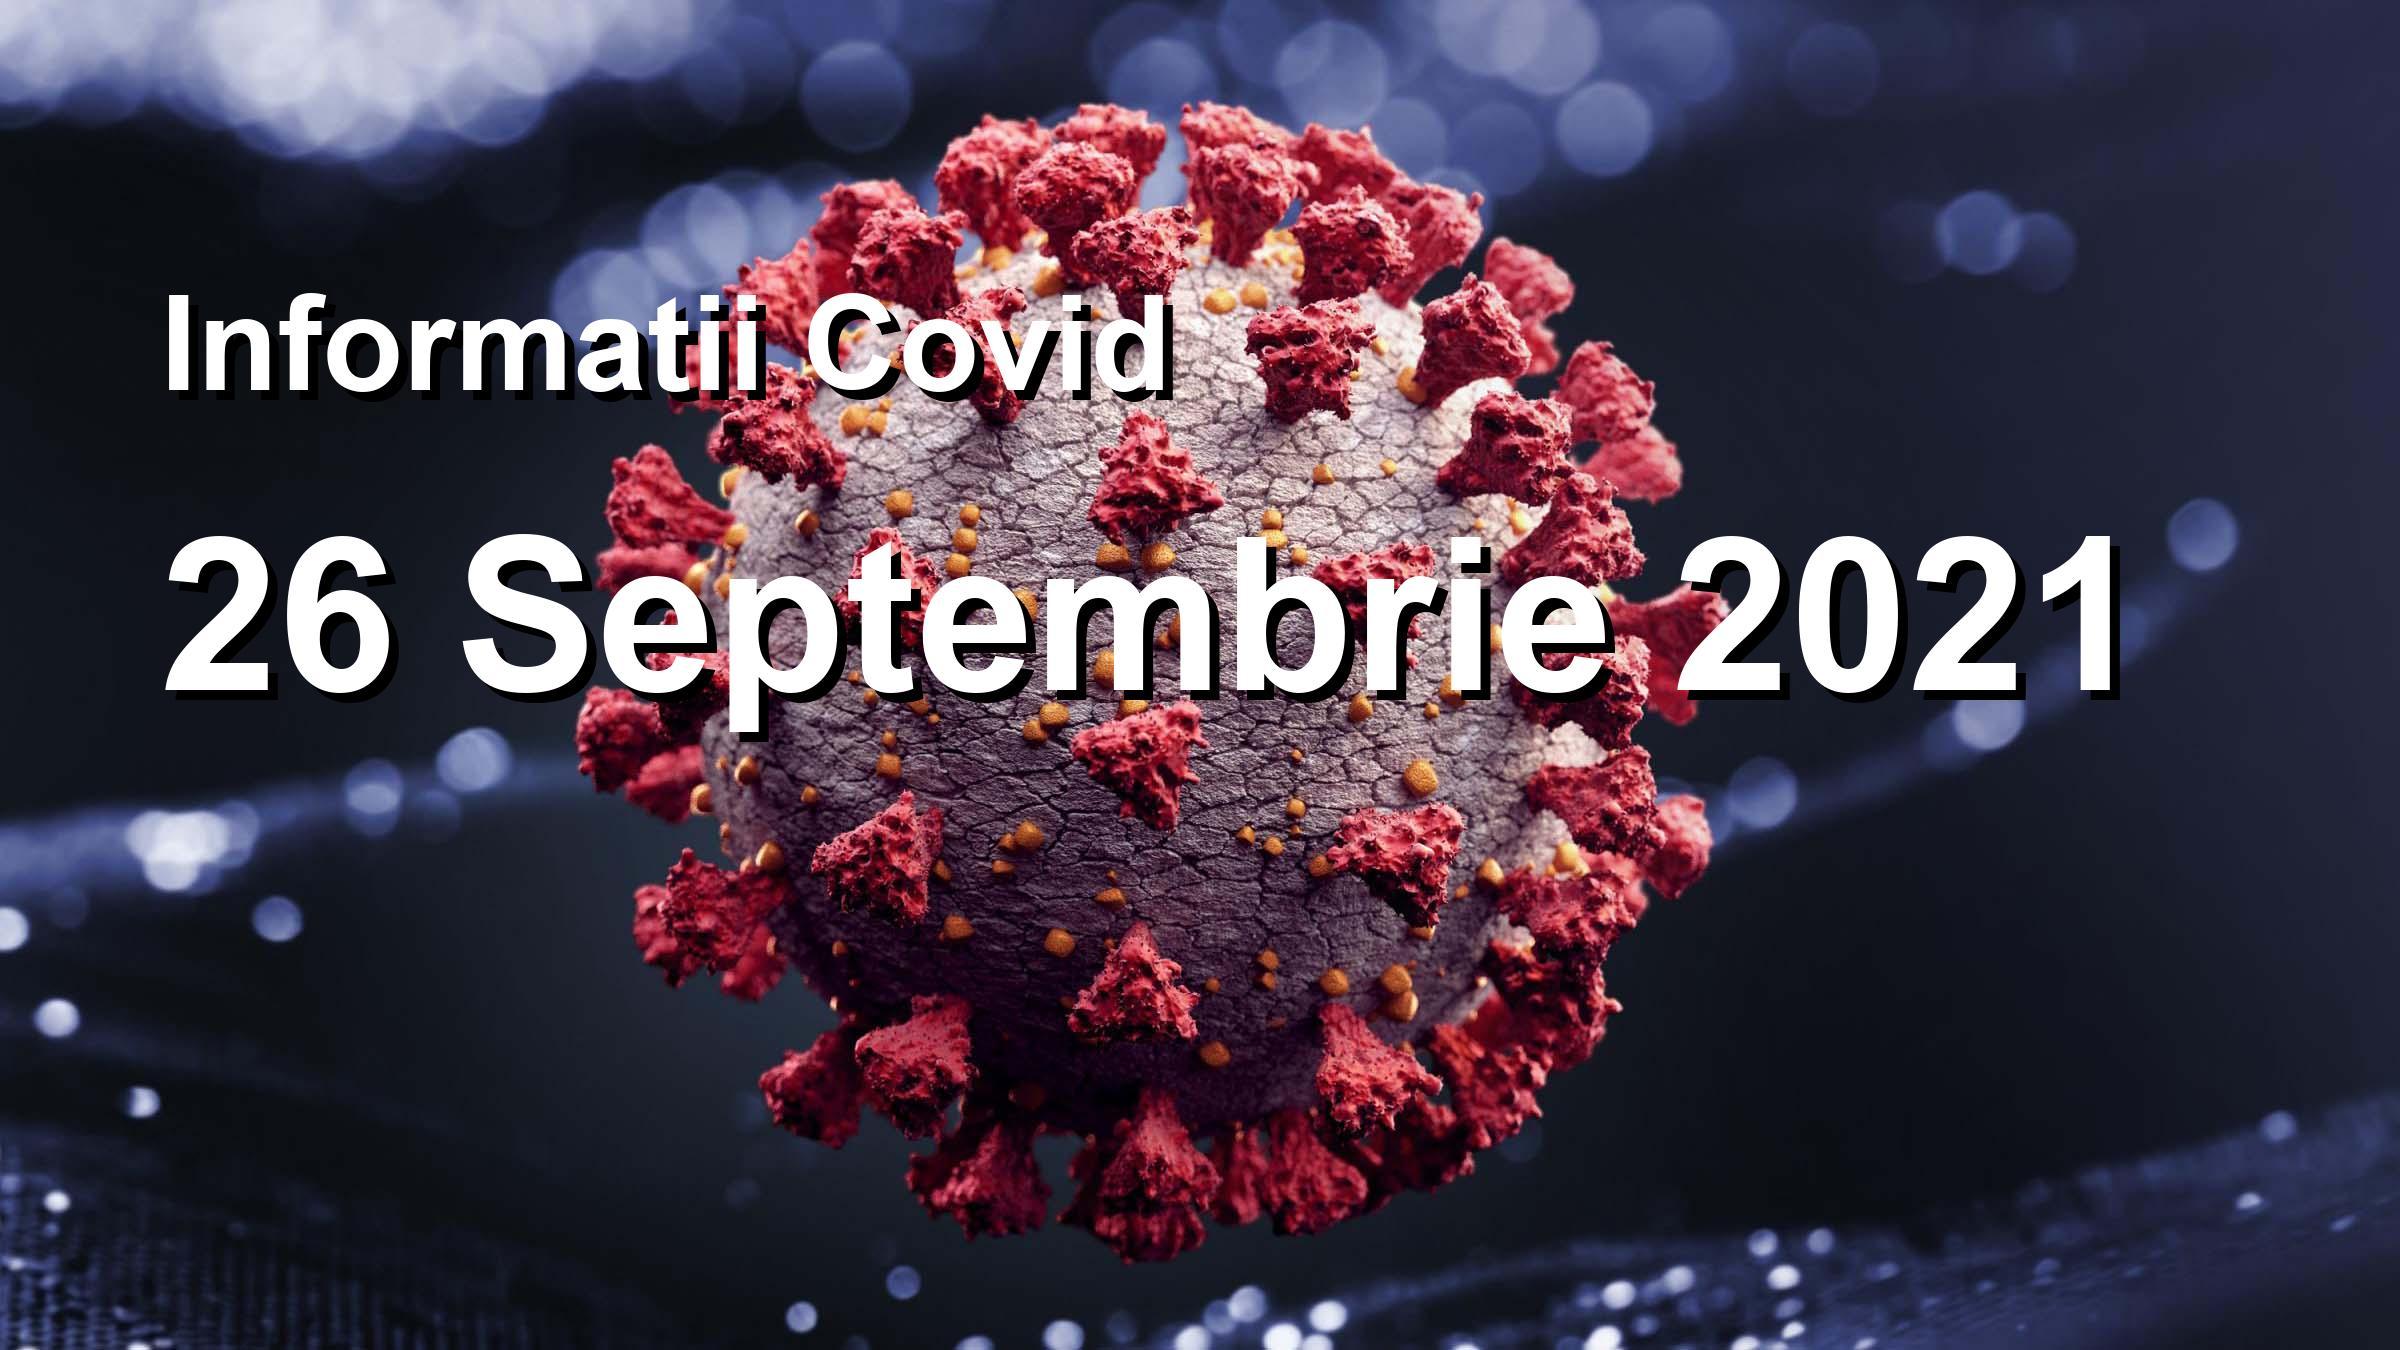 Informatii Covid-19 pentru 26 Septembrie 2021: 6333 infectari, 44270 teste. | Coronavirus Romania